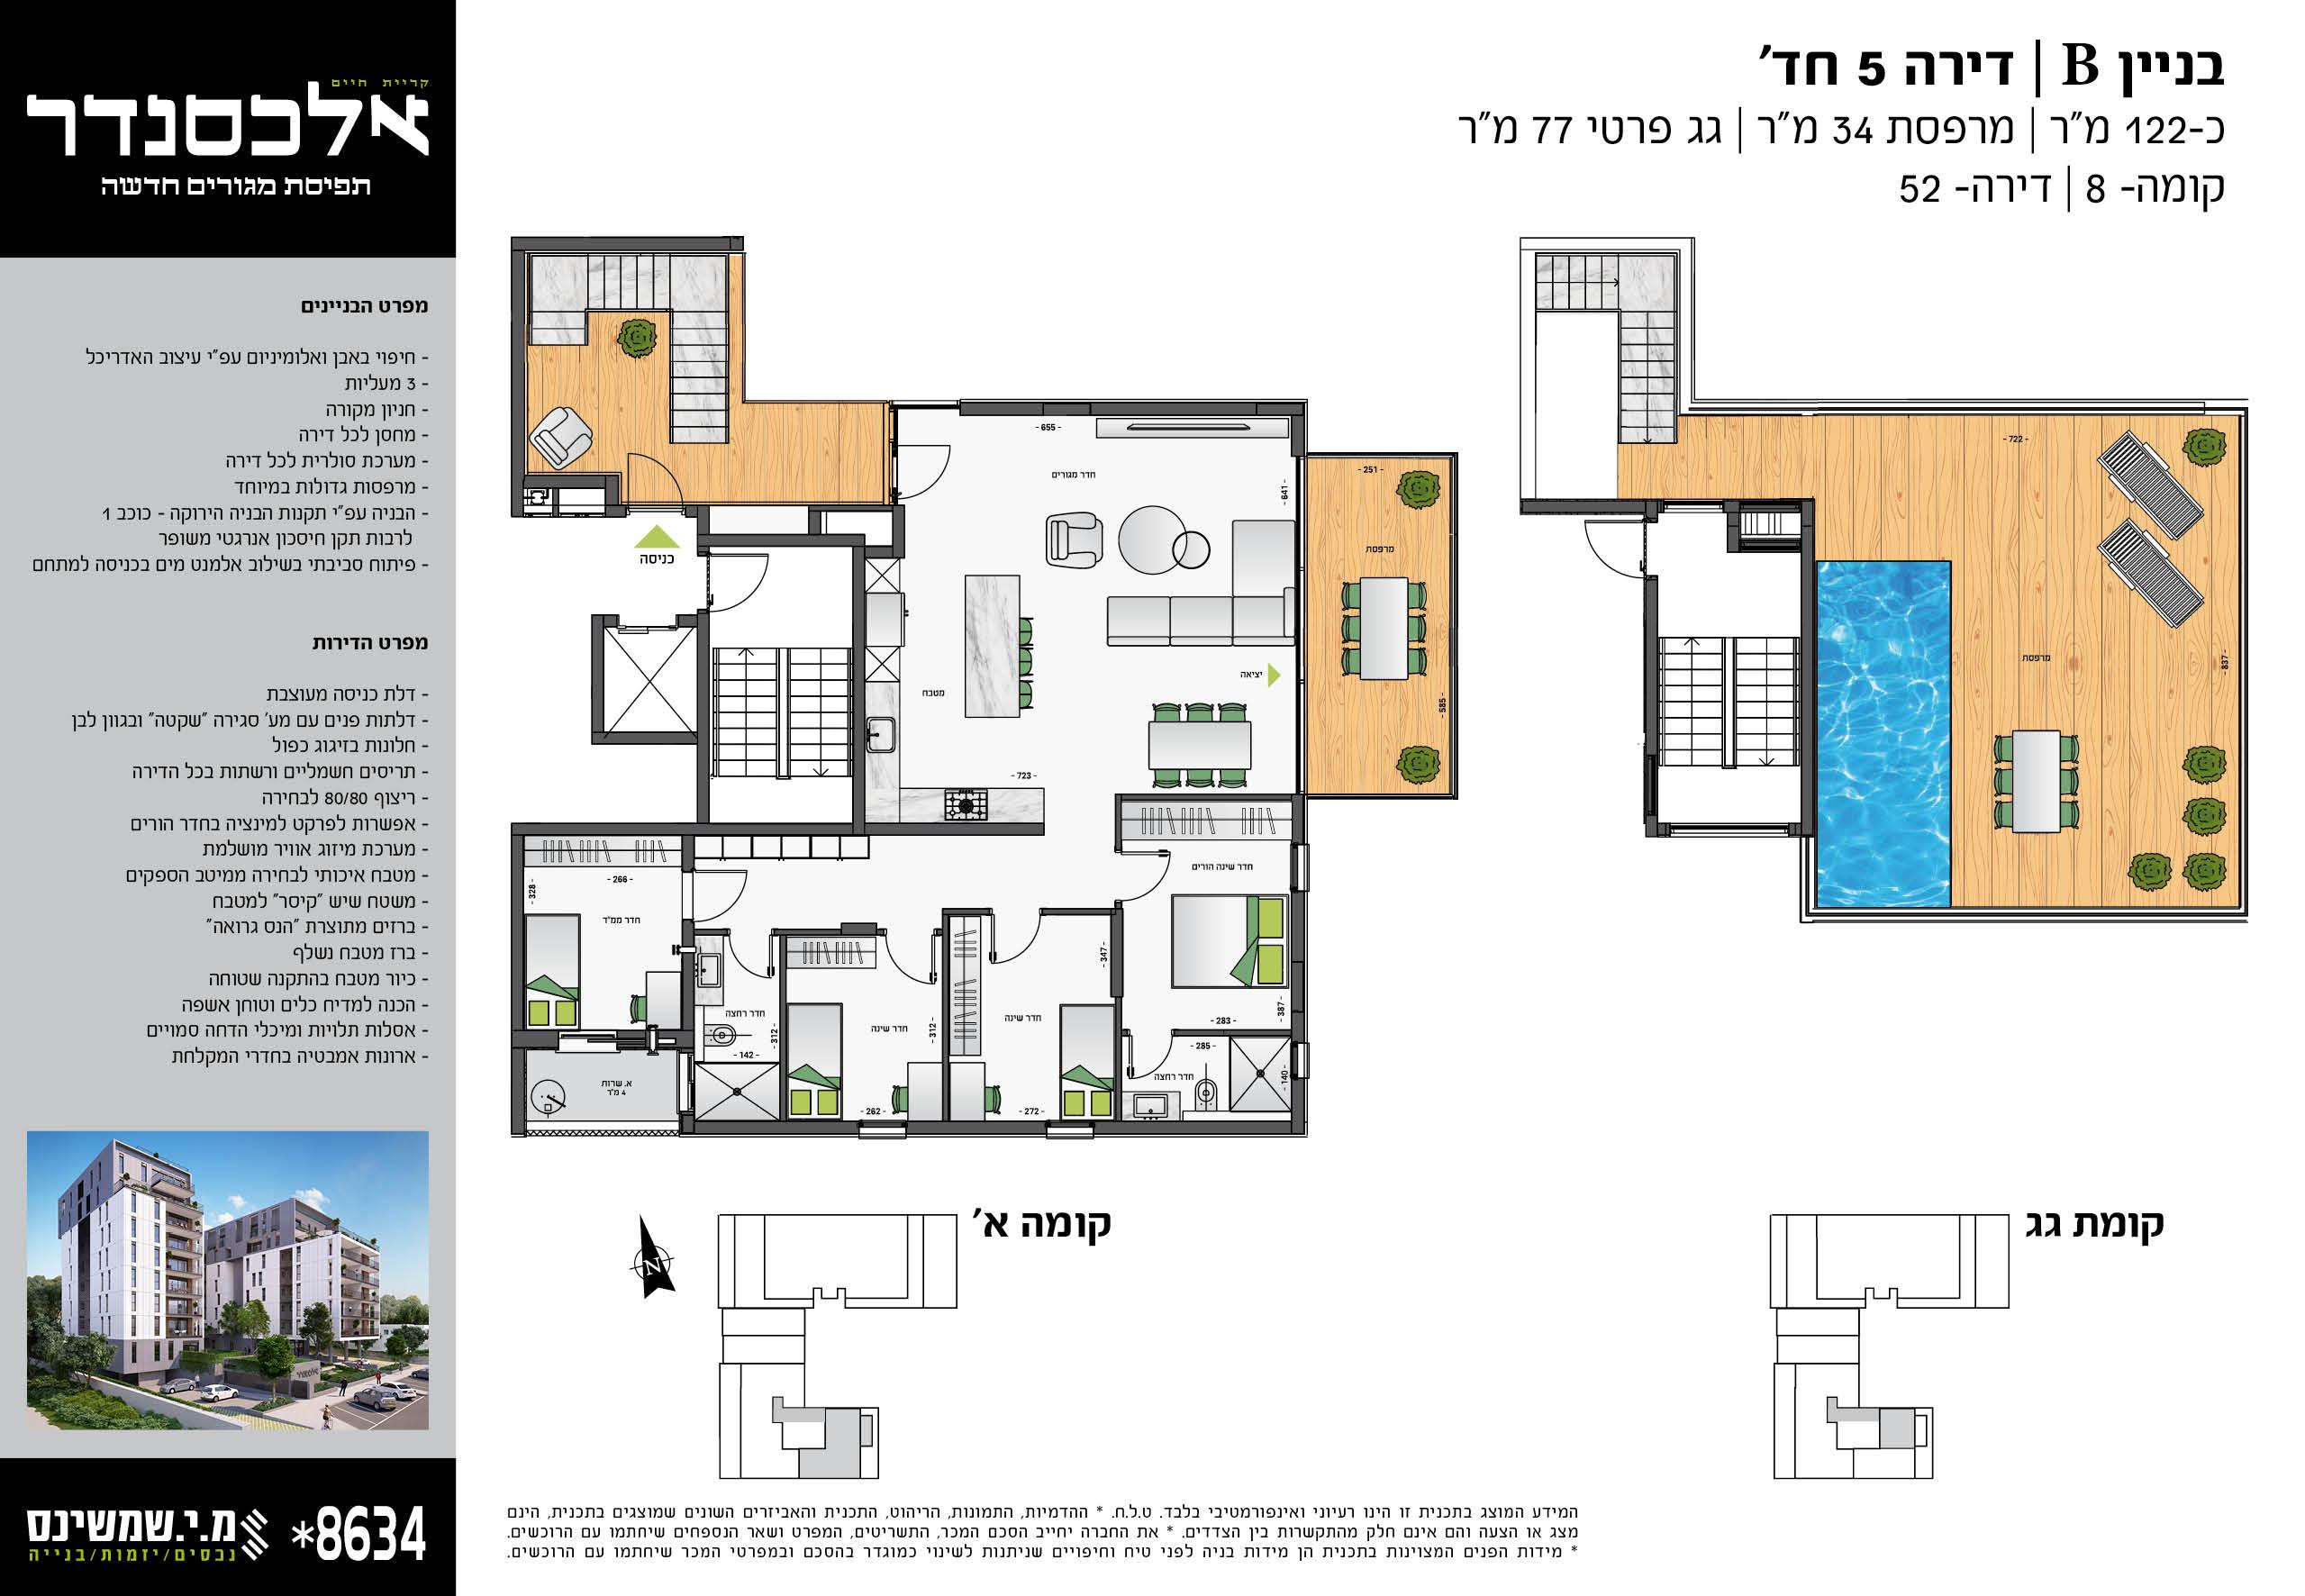 דירה 52 - גג פרטי